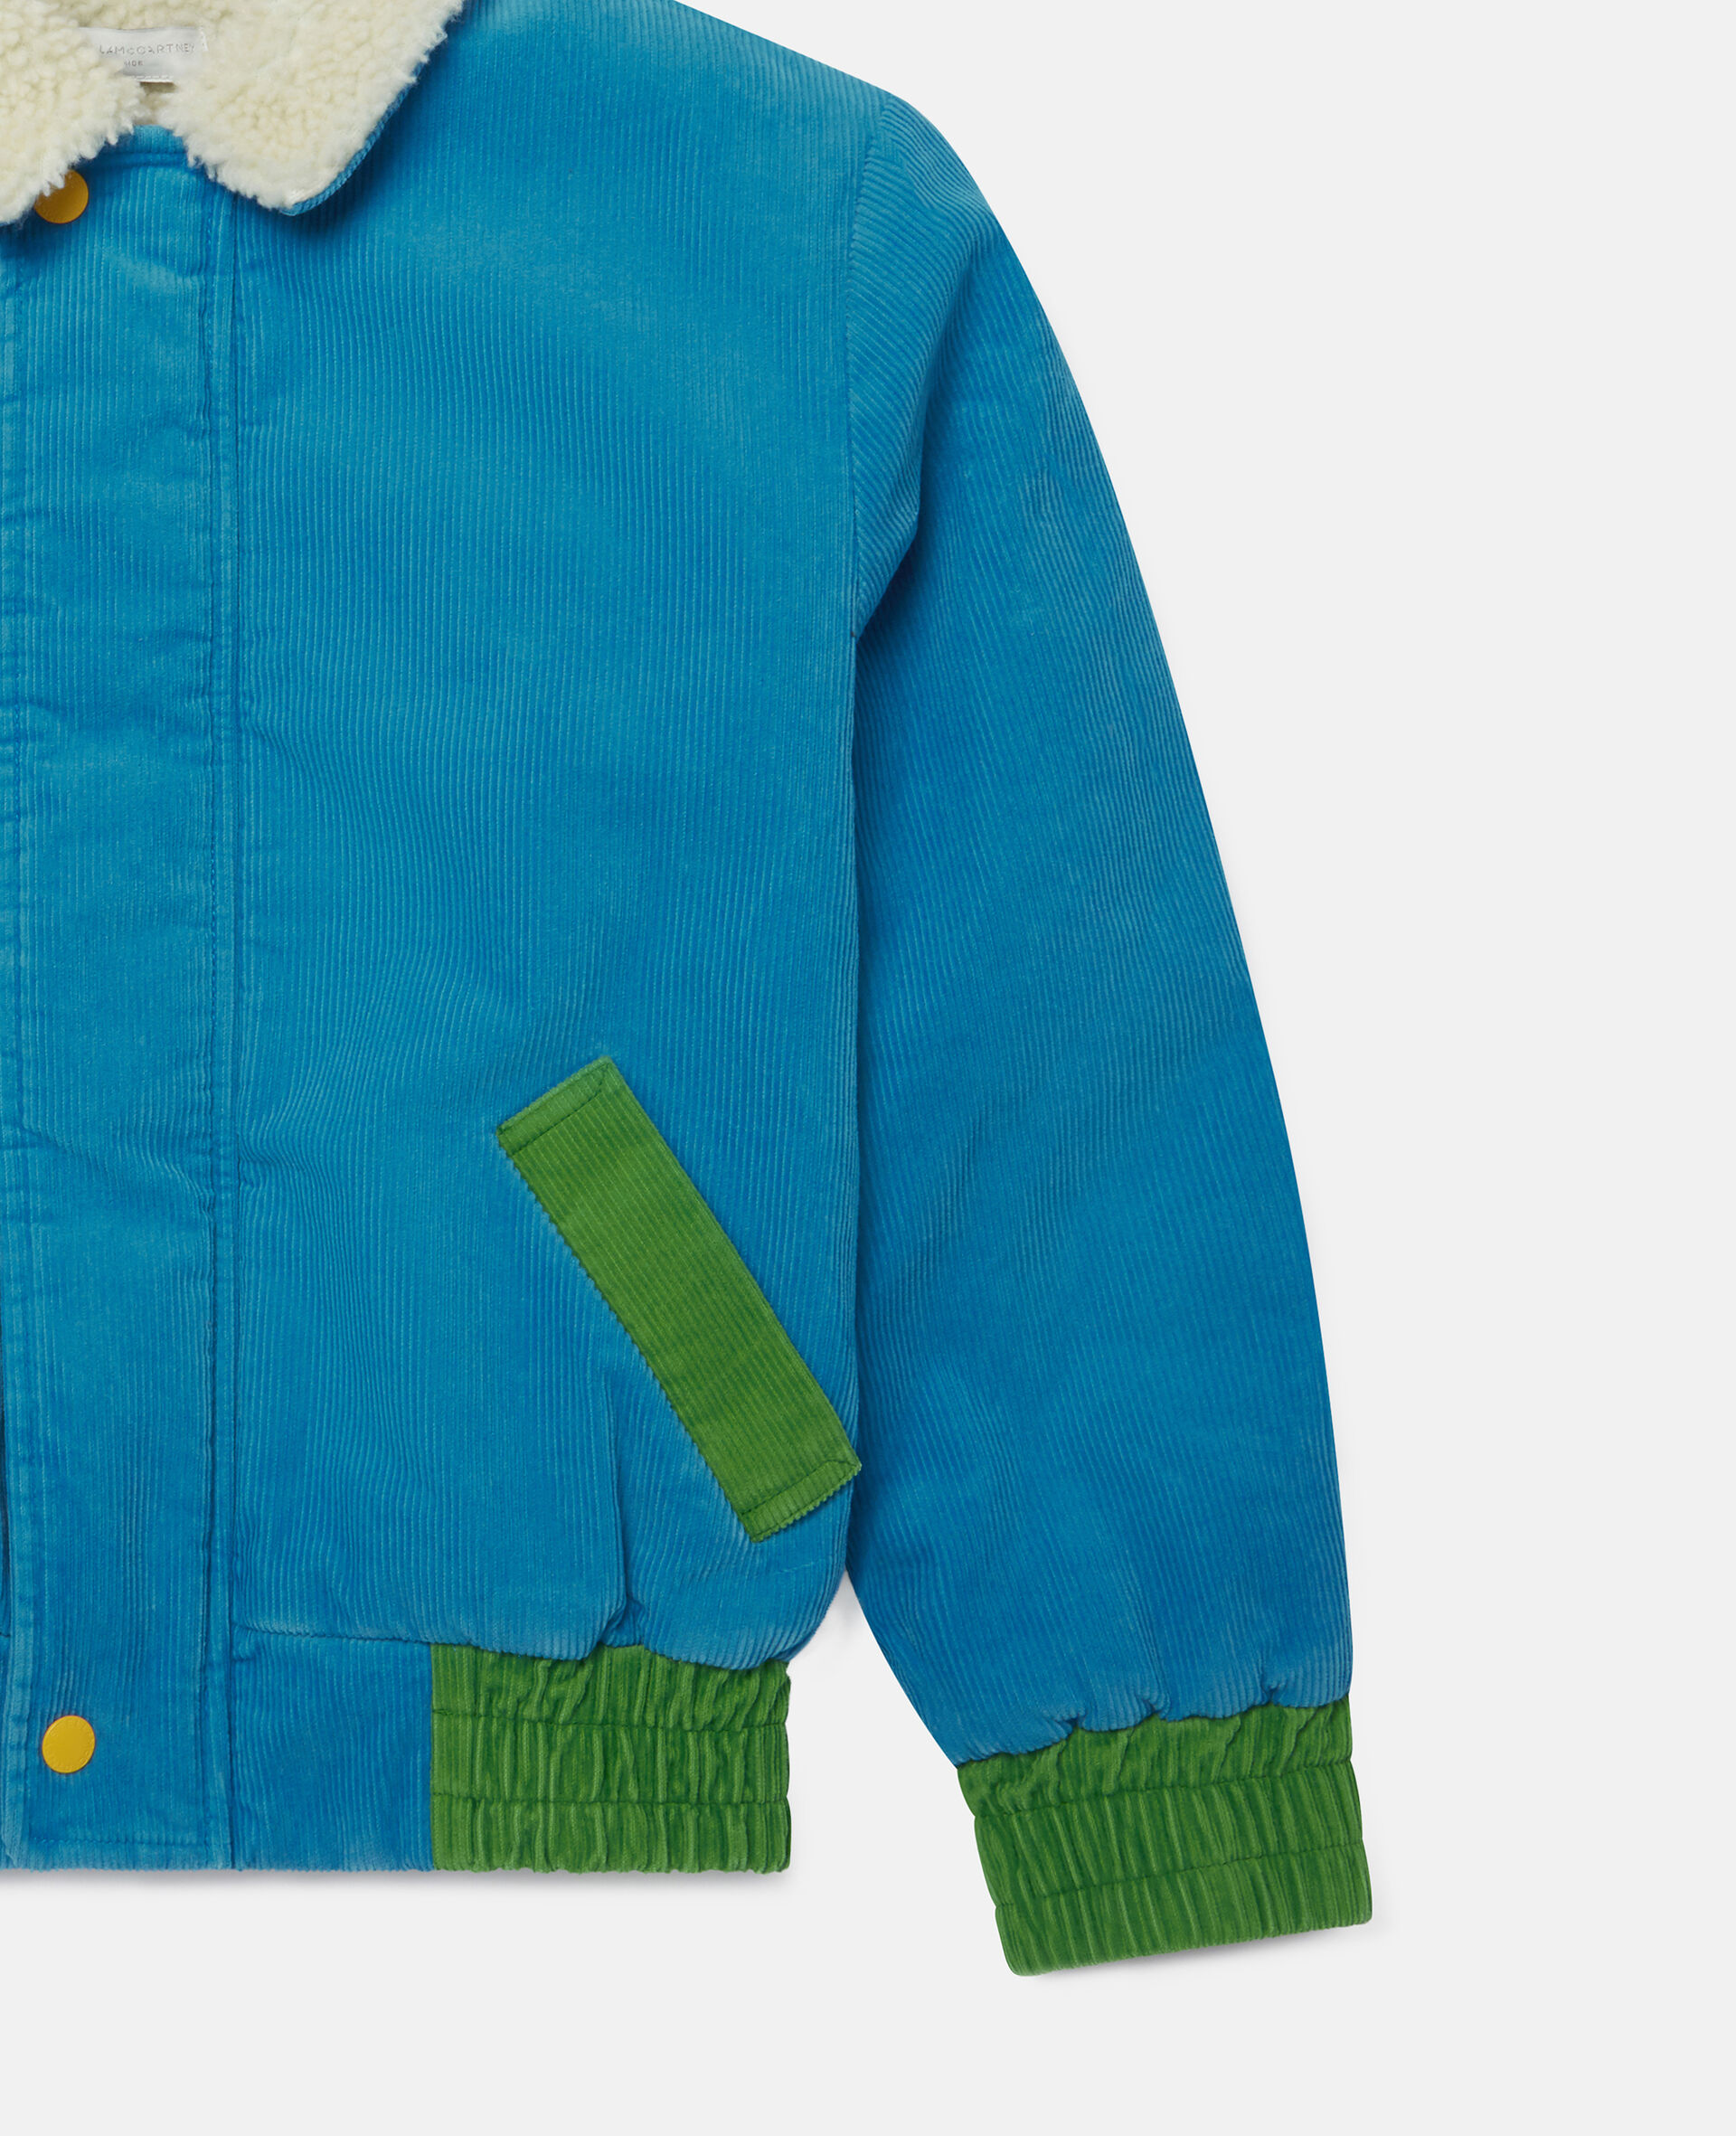 Corduroy Jacket-Blue-large image number 2